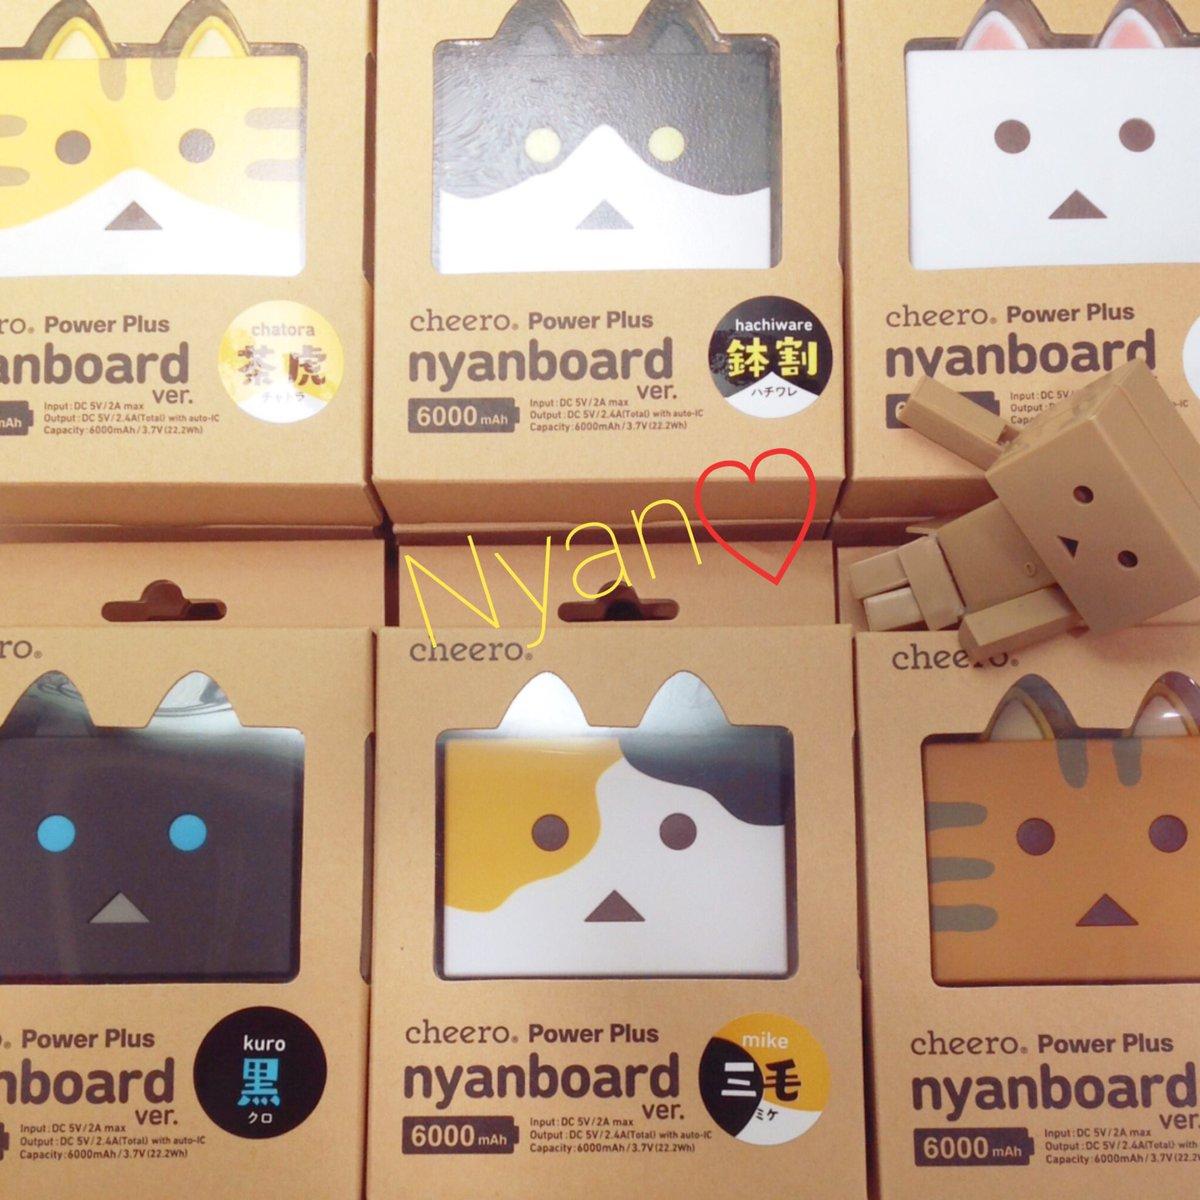 にゃんと❗️#nyanboard が入荷しにゃした😘#ダンボー #バッテリー #にゃんぼーど #よつばと #cheero